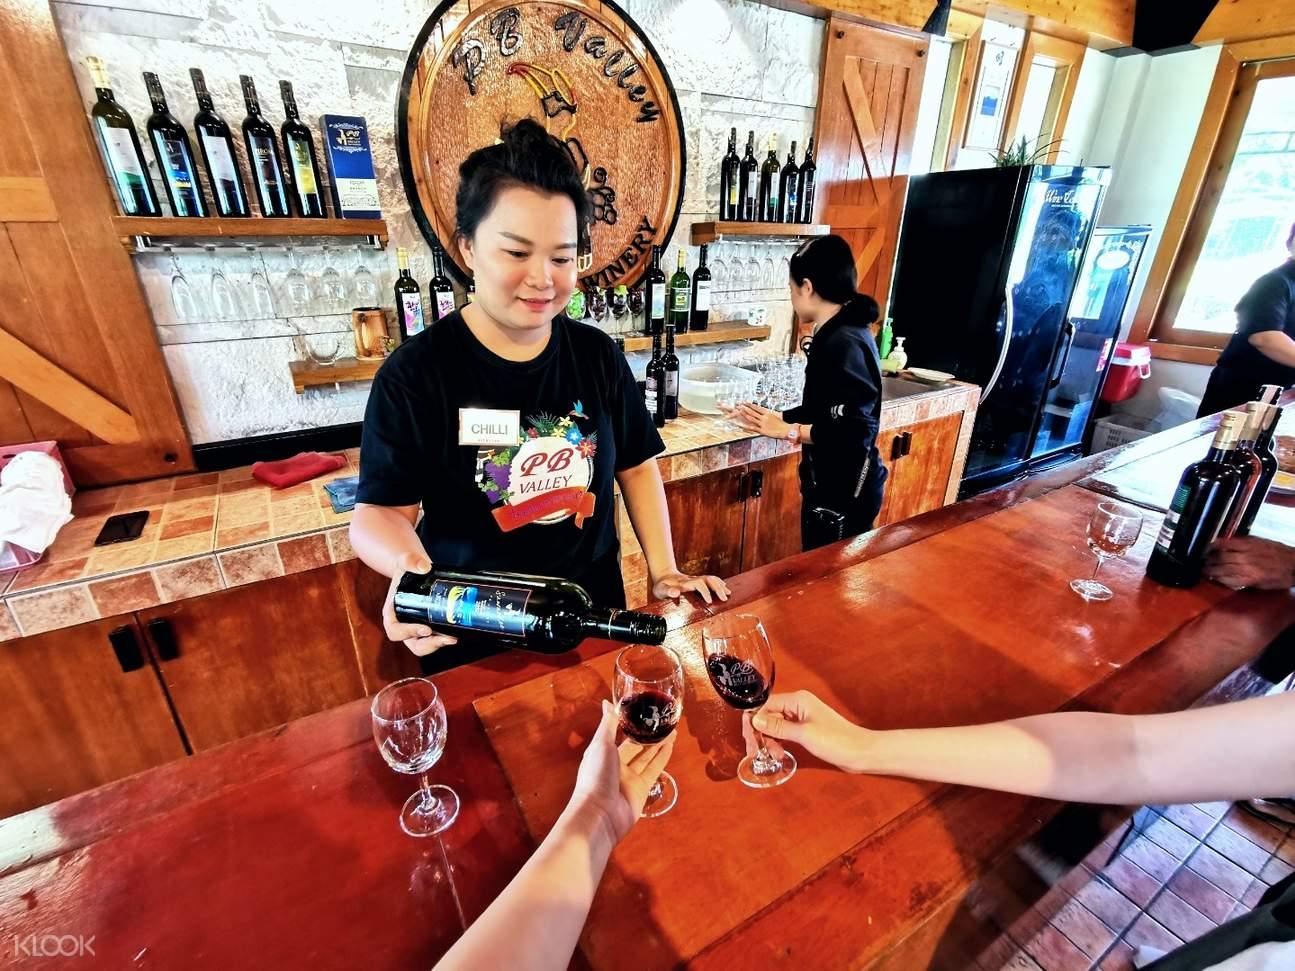 pb valley vineyard and wine tasting tour in khao yei